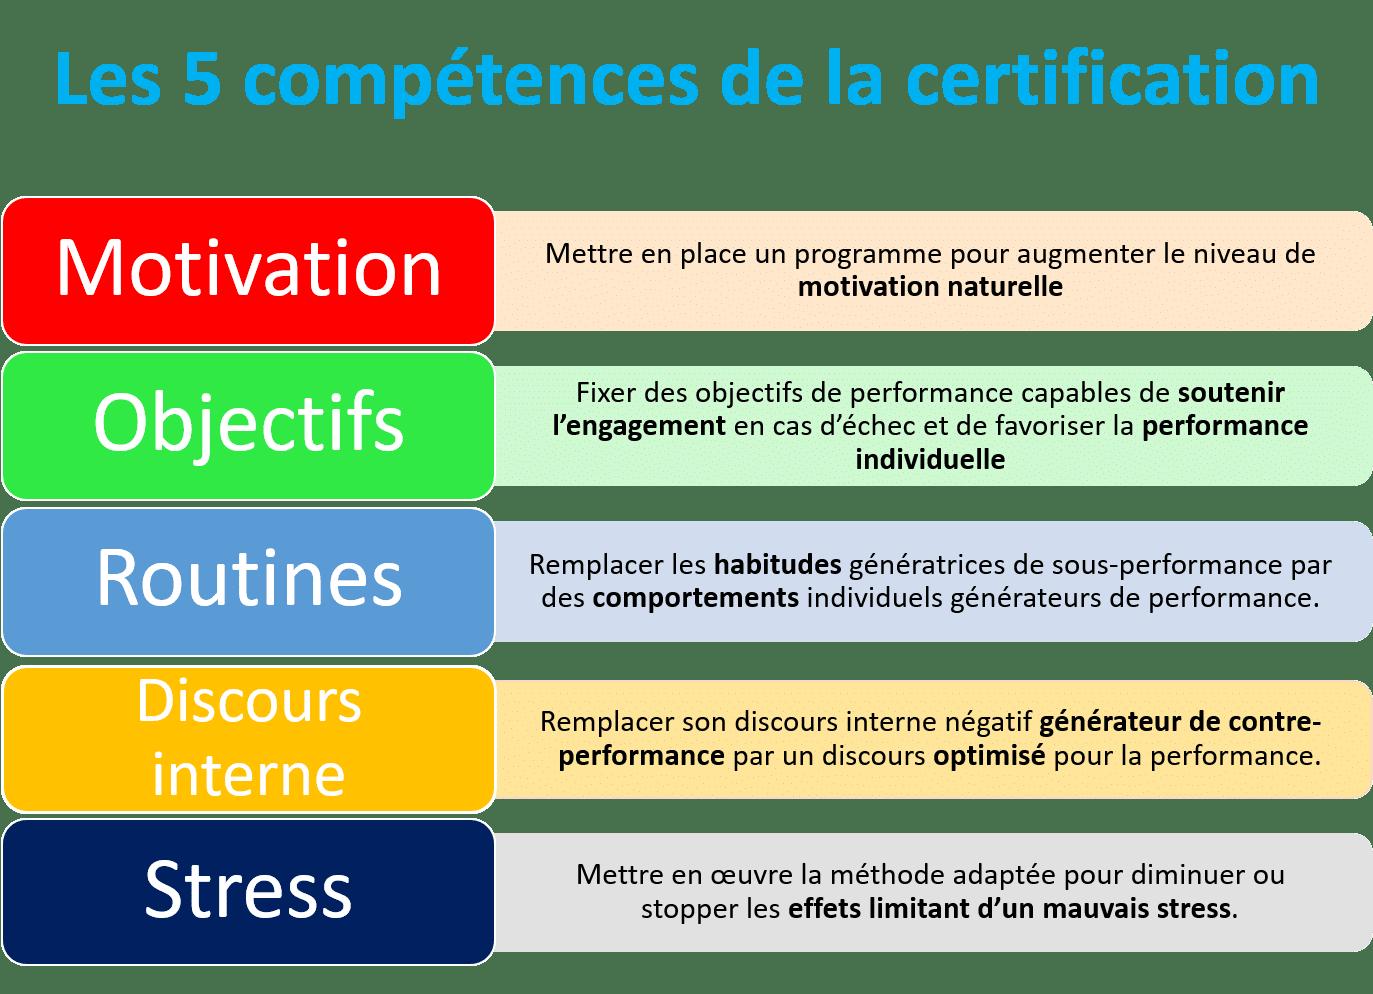 Formation préparation mentale LNF : les 5 compétences de la cartification.